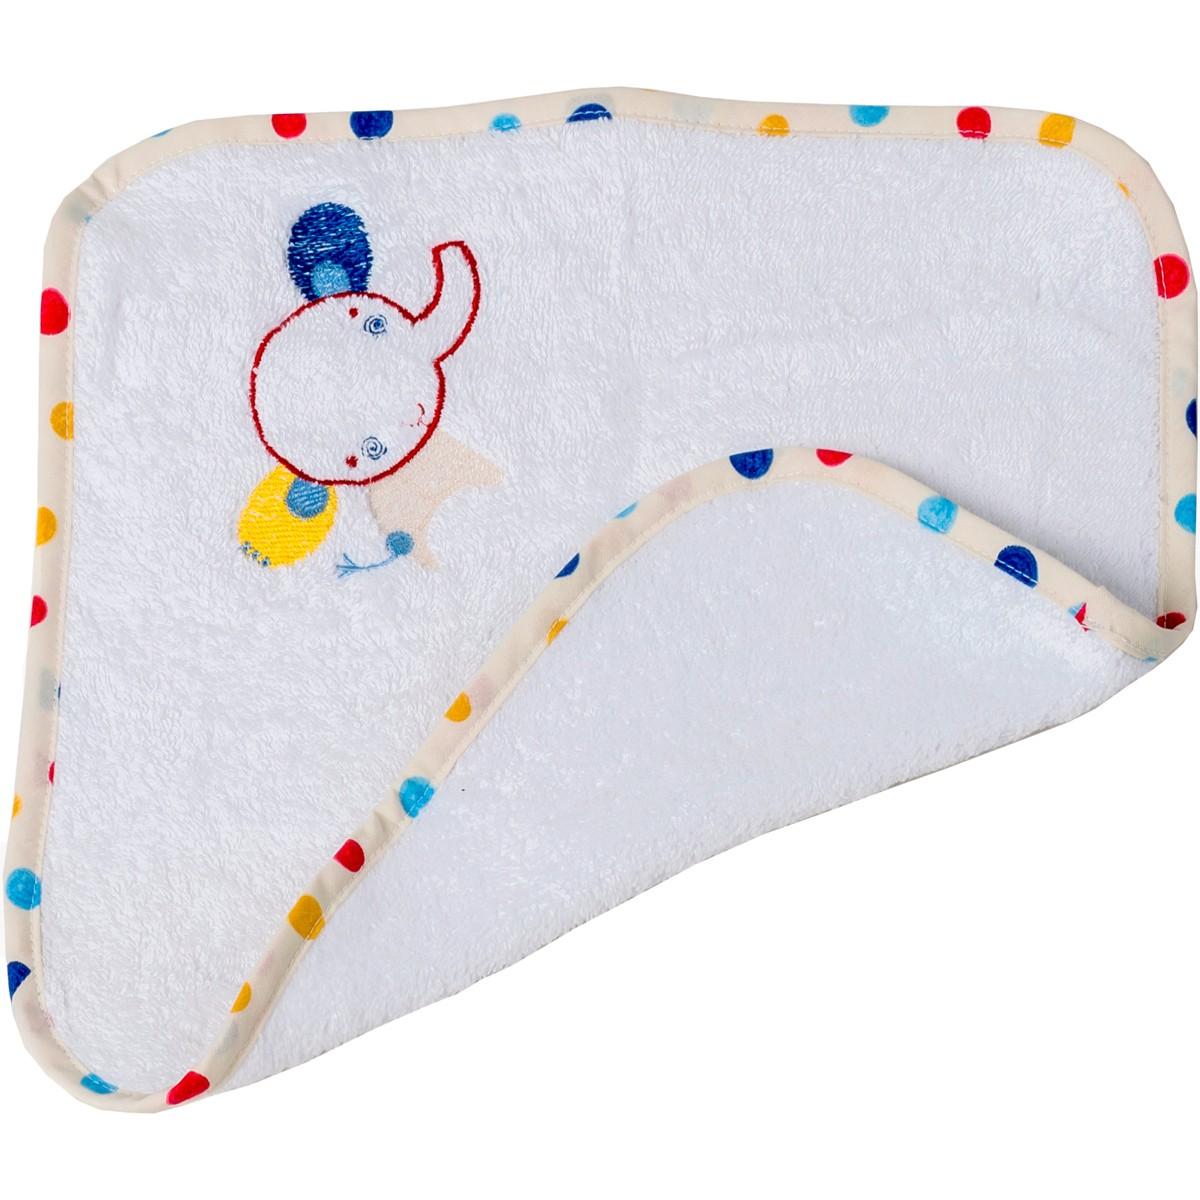 Βρεφική Λαβέτα (30x30) Κόσμος Του Μωρού Elephant 0637